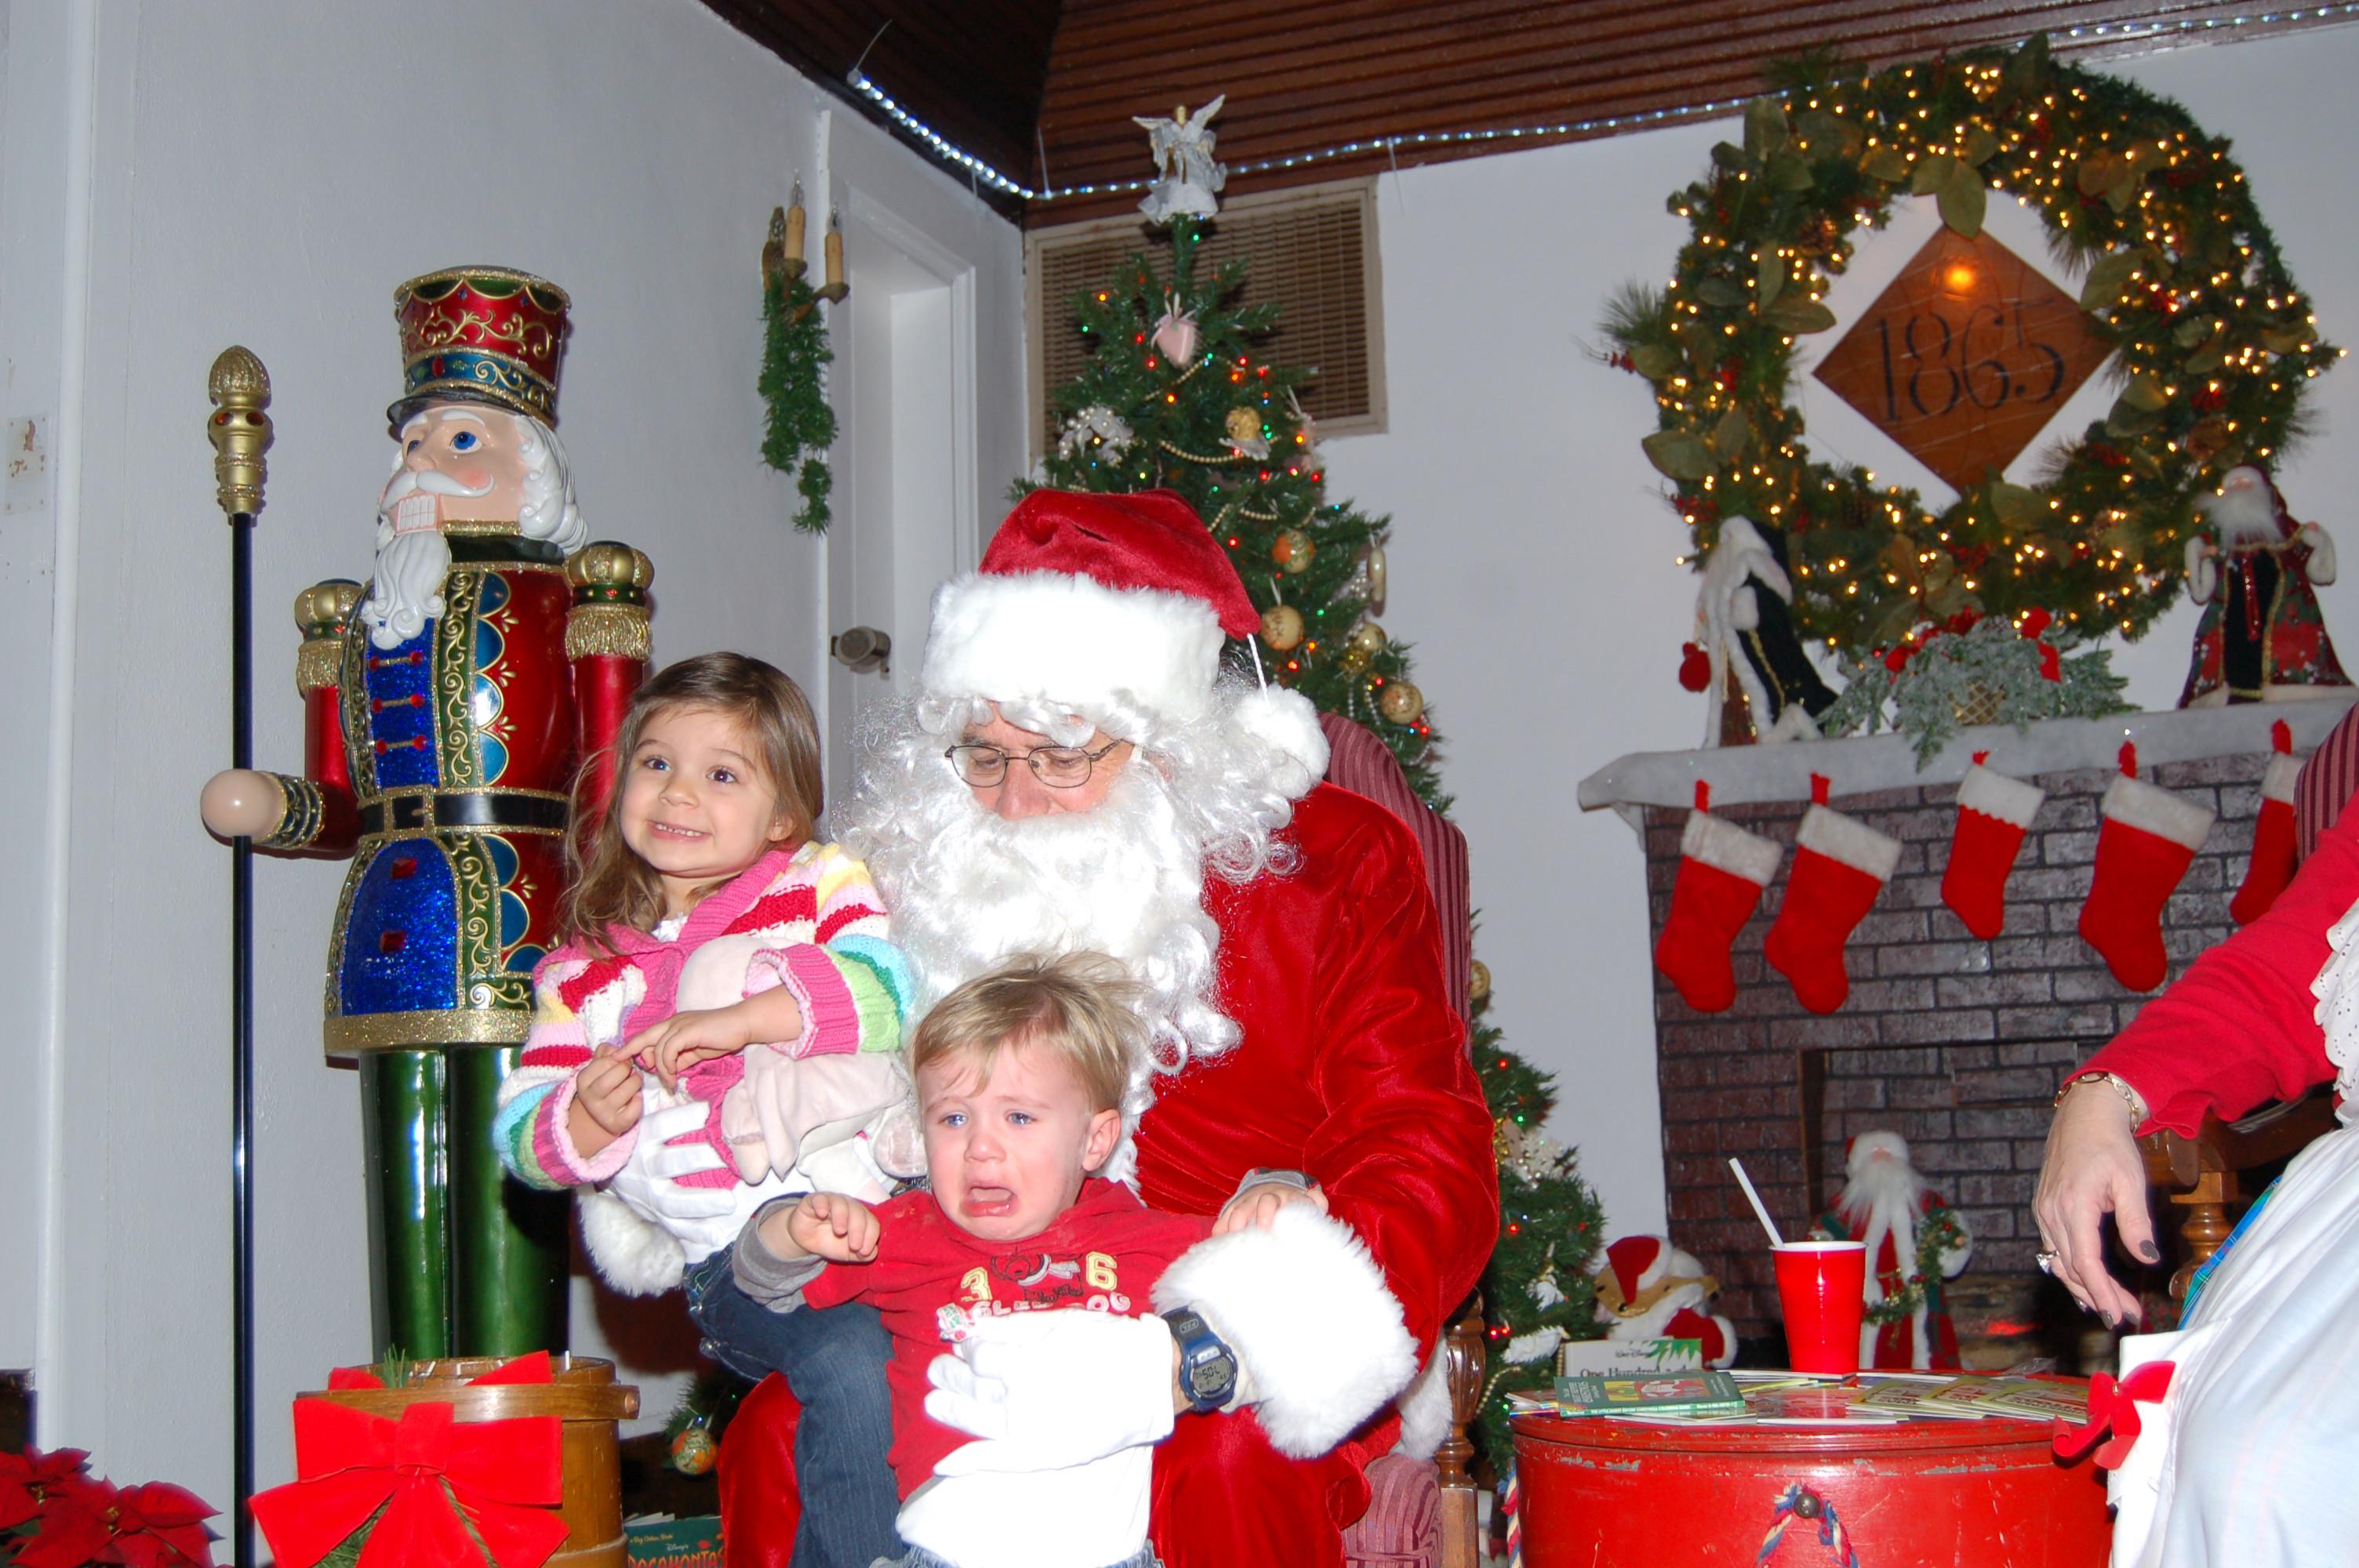 LolliPop+Lane+12-12-2008+Picture+029.jpg